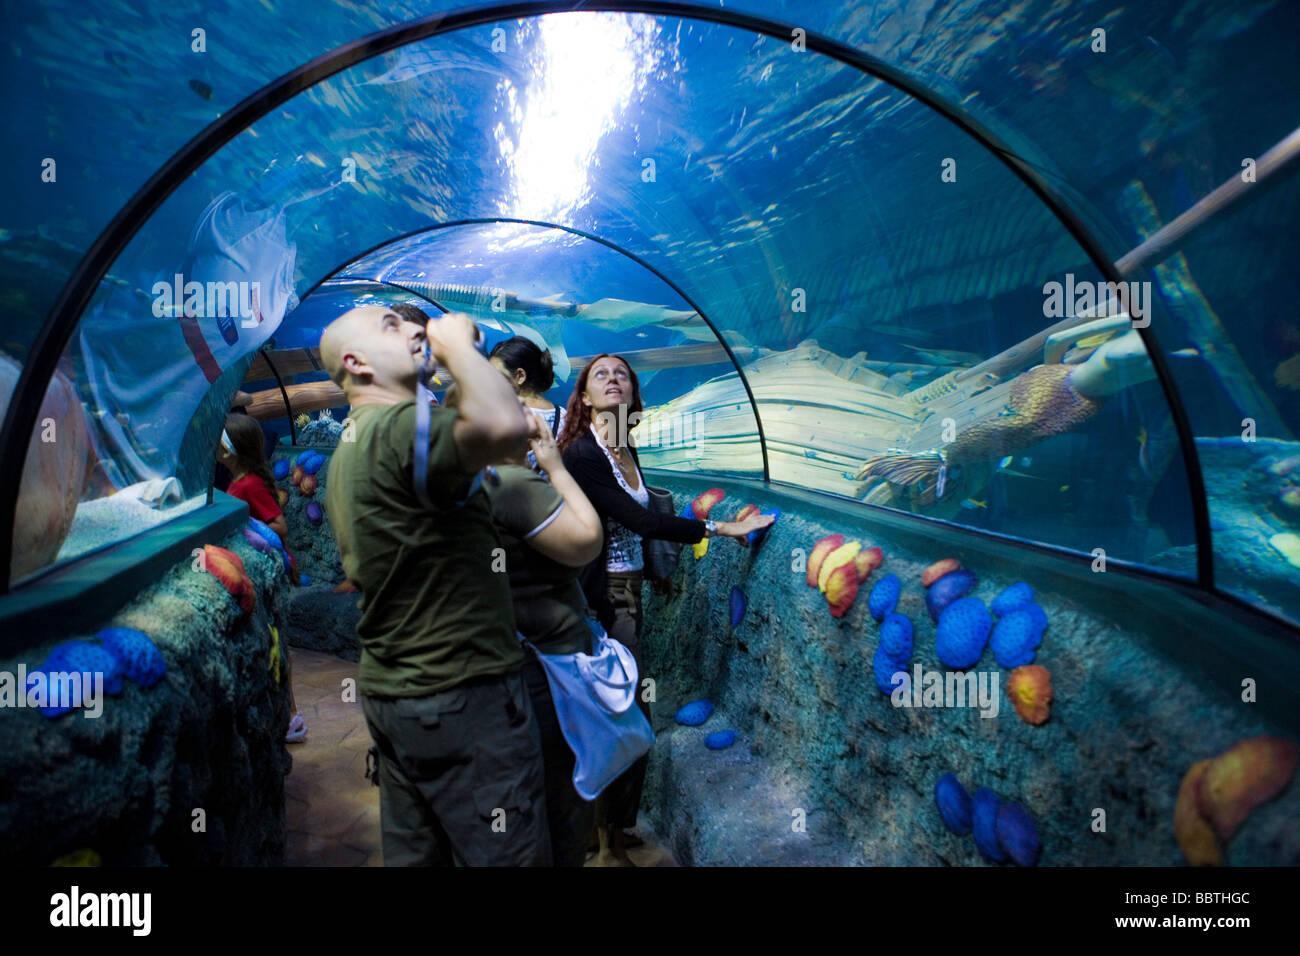 Gardaland Sea Life Aquarium, Castelnuovo del Garda, Veneto, Italy - Stock Image